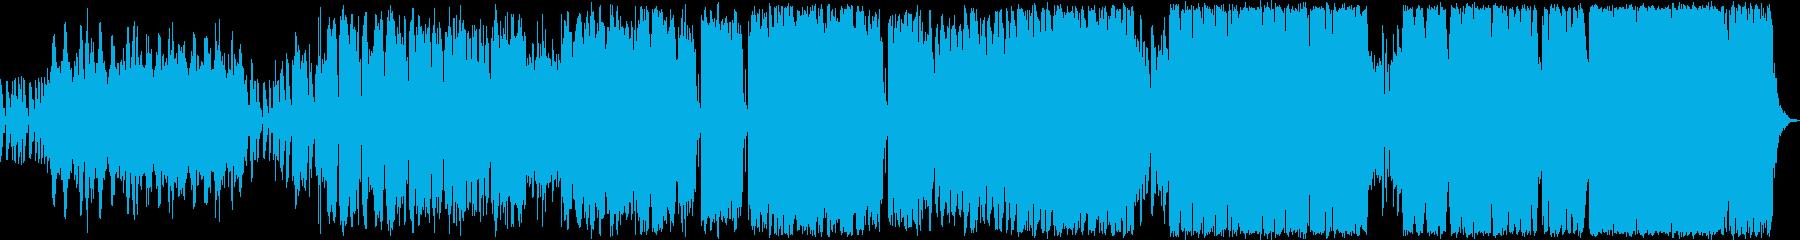 少し滑稽でかつ冒険心にあふれる中世ヨー…の再生済みの波形